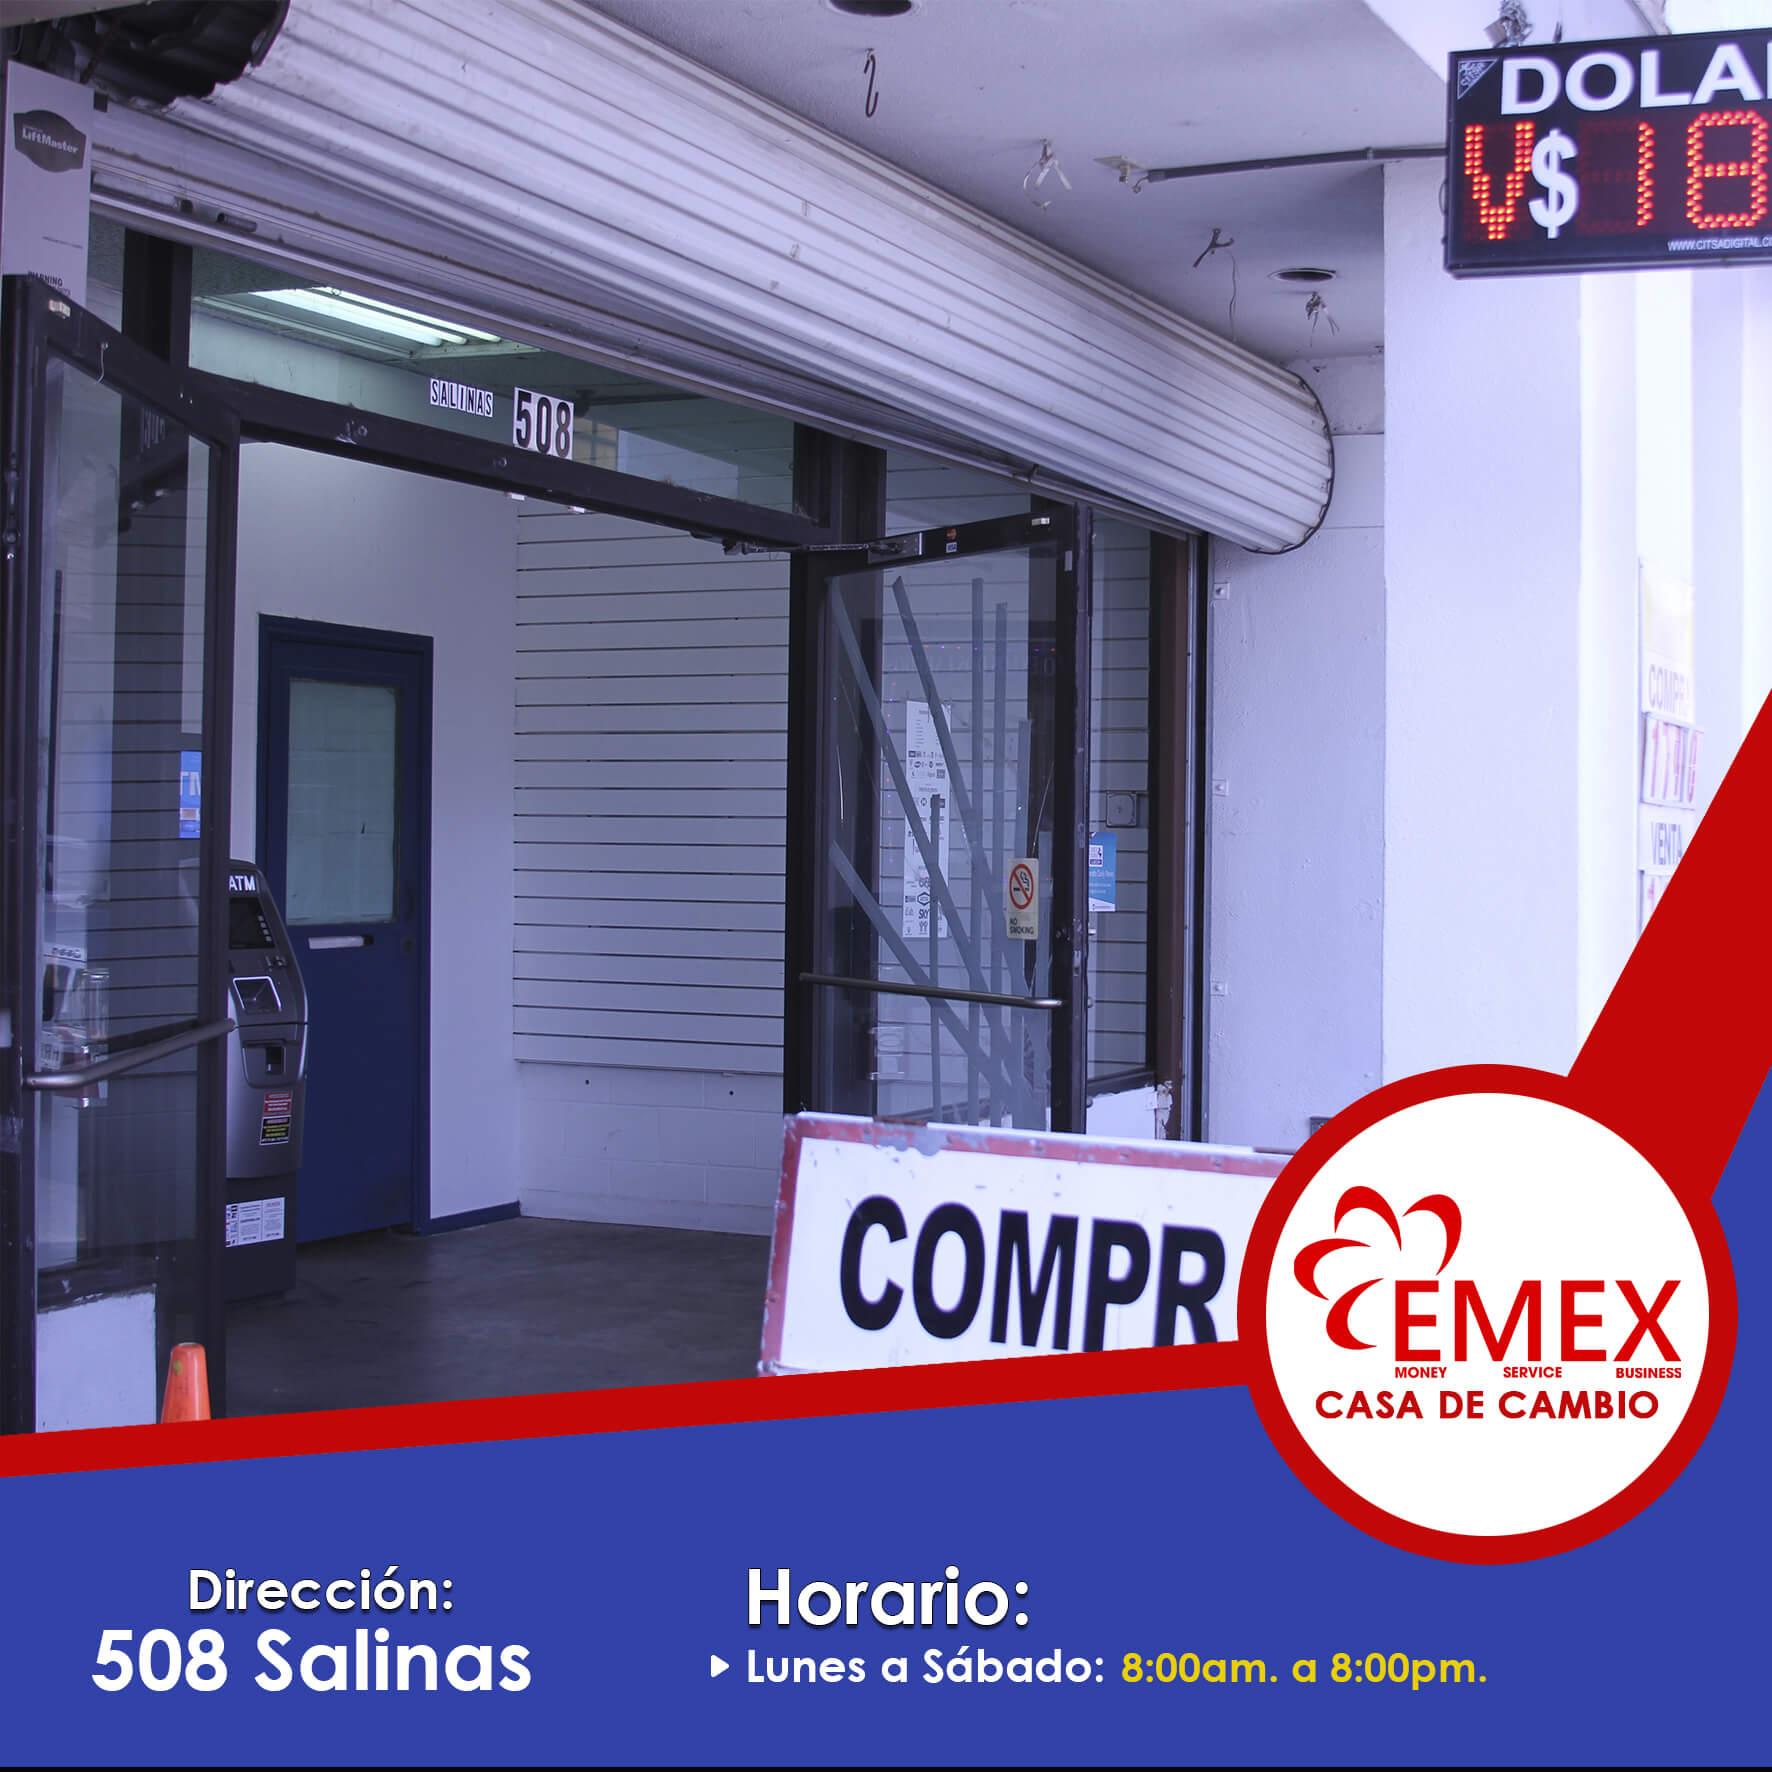 Franco (508 Salinas)